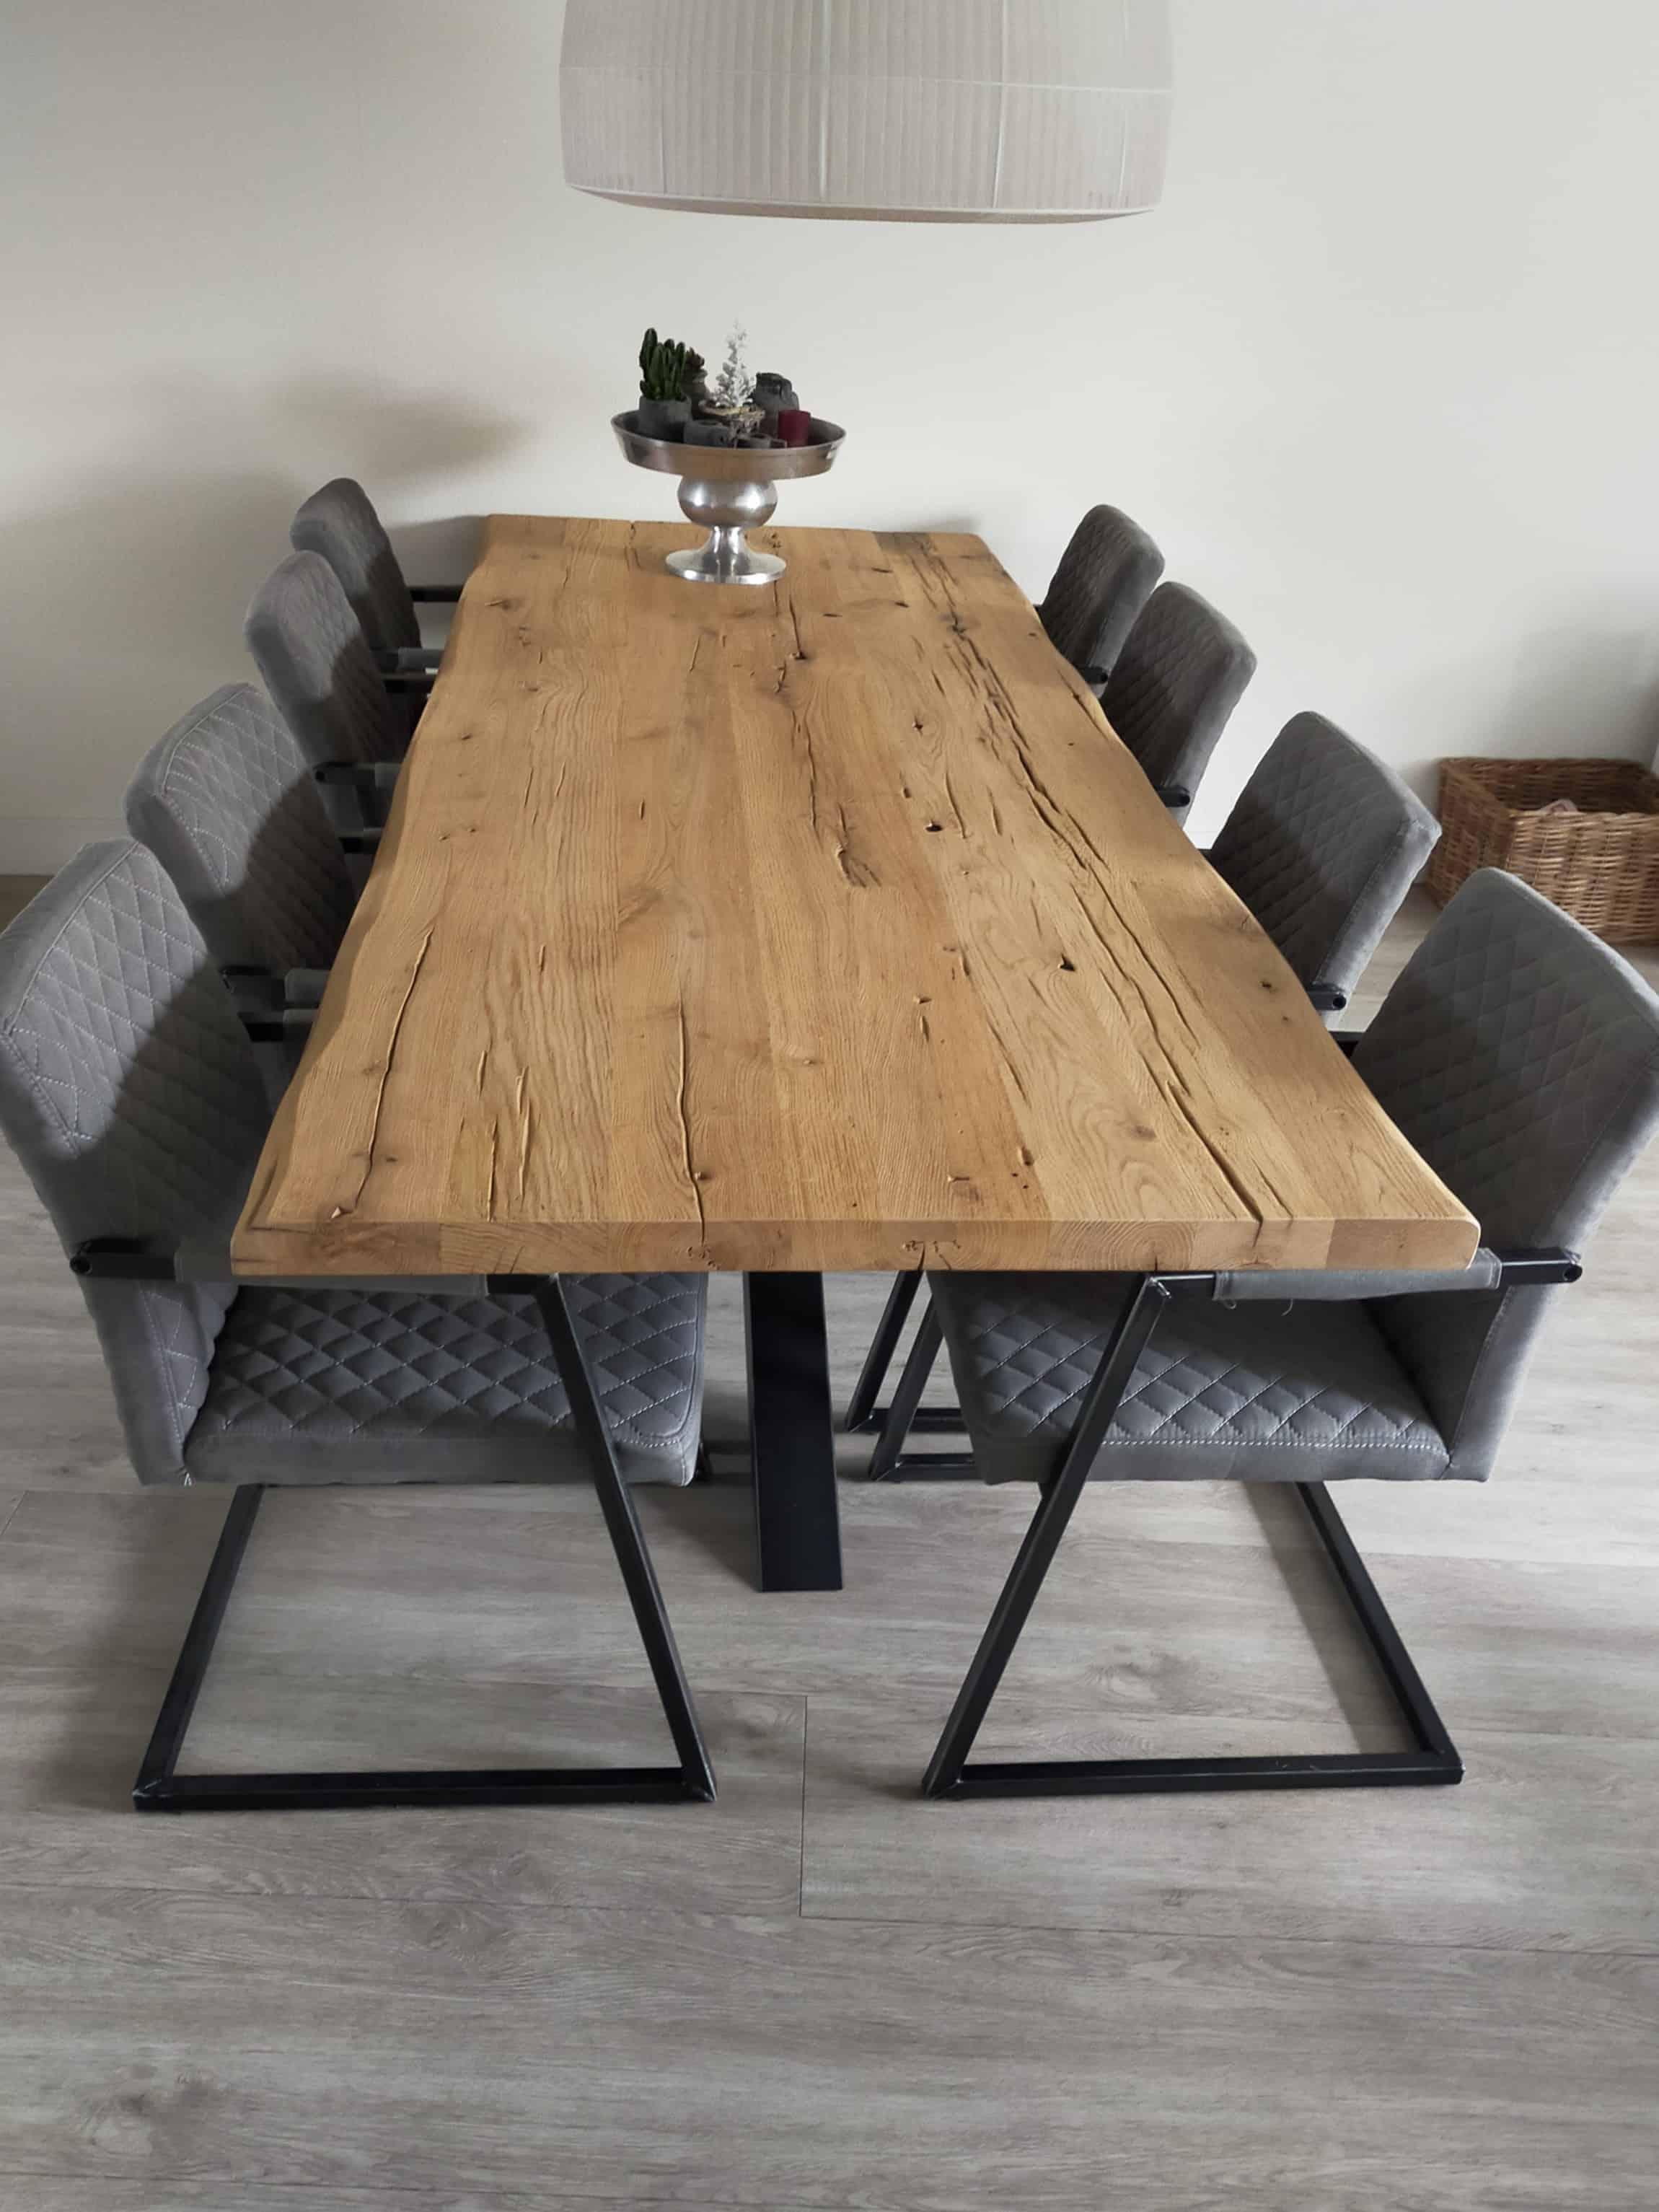 Geschaafd oud eiken tafel, afwerking: geborsteld en matte lak. afmeting: 260x100x5 cm